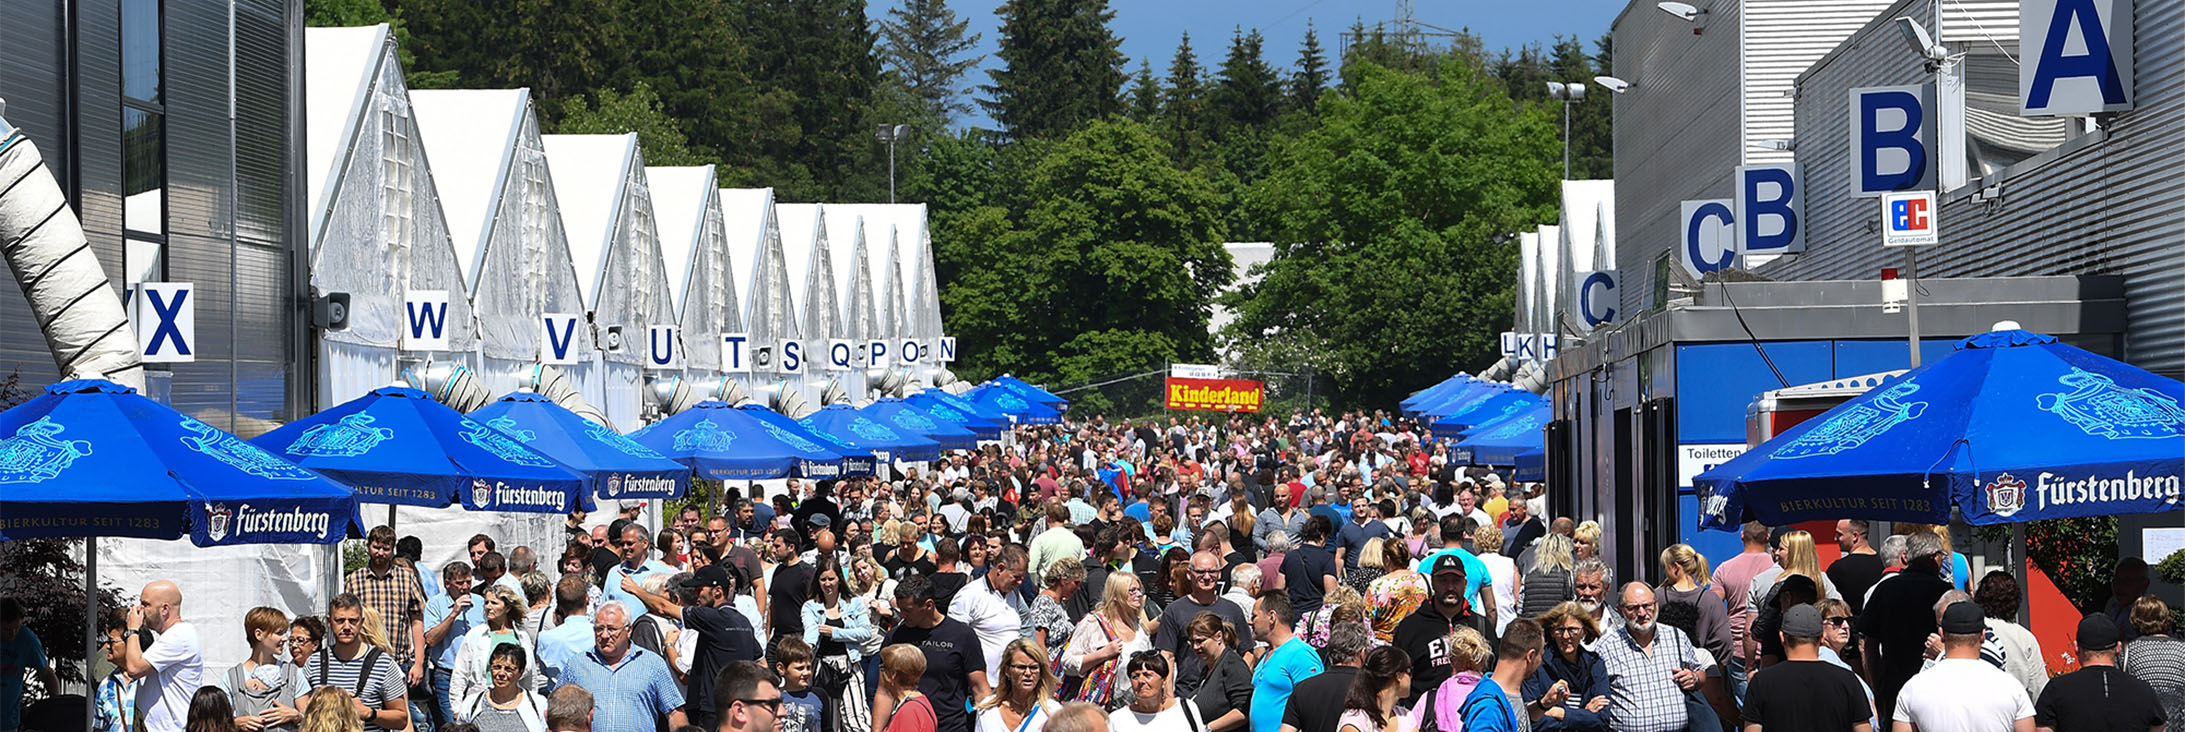 Südwest Messe öffnungszeiten